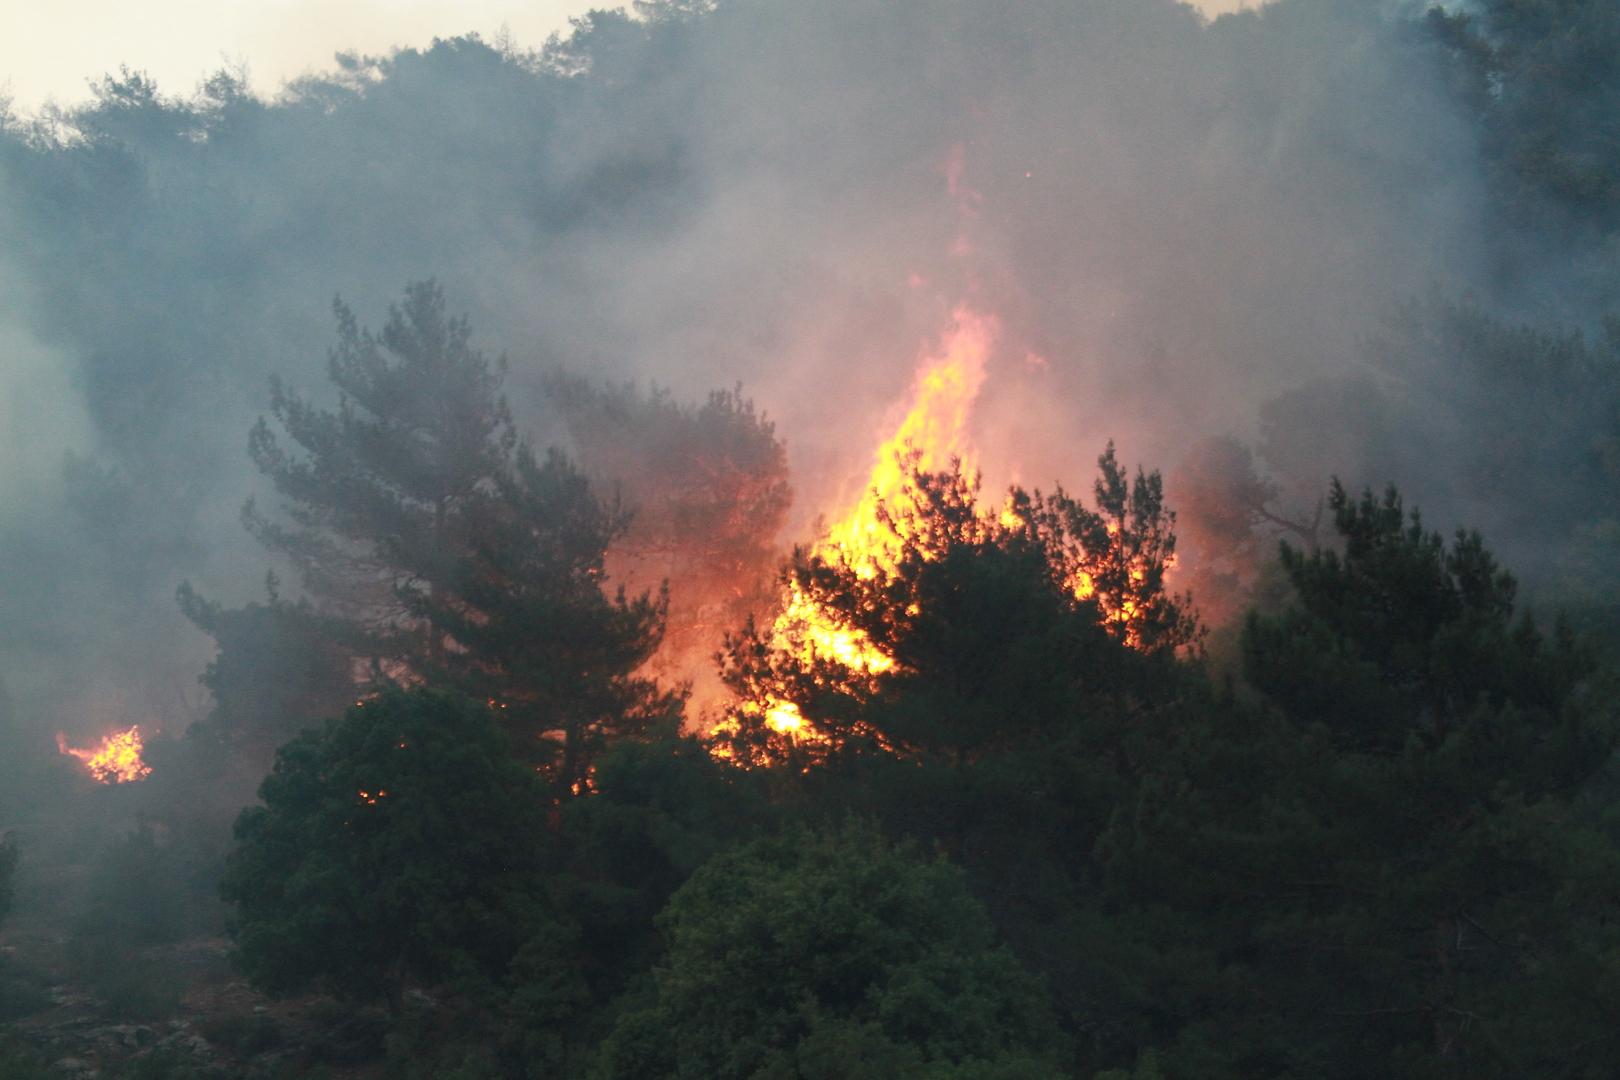 لبنان.. اندلاع حريقين بموقعين مختلفين في عكار شمال البلاد (فيديو)